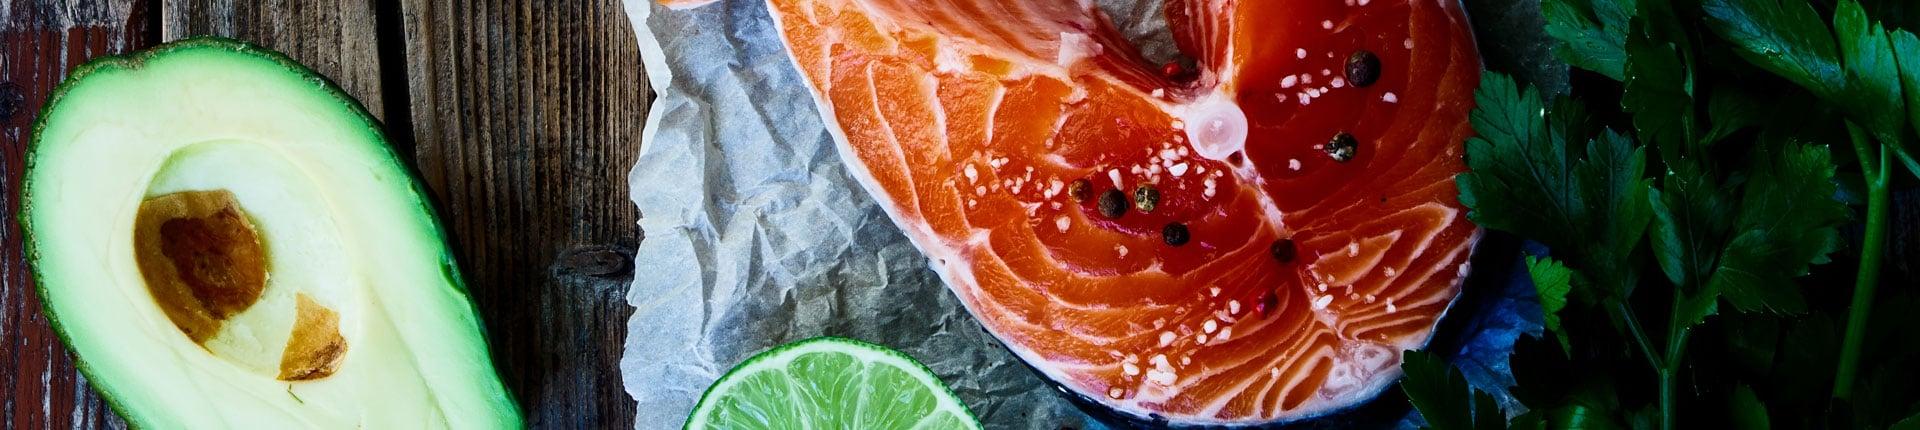 Borelioza - dieta przy boreliozie. Przykładowy jadłospis